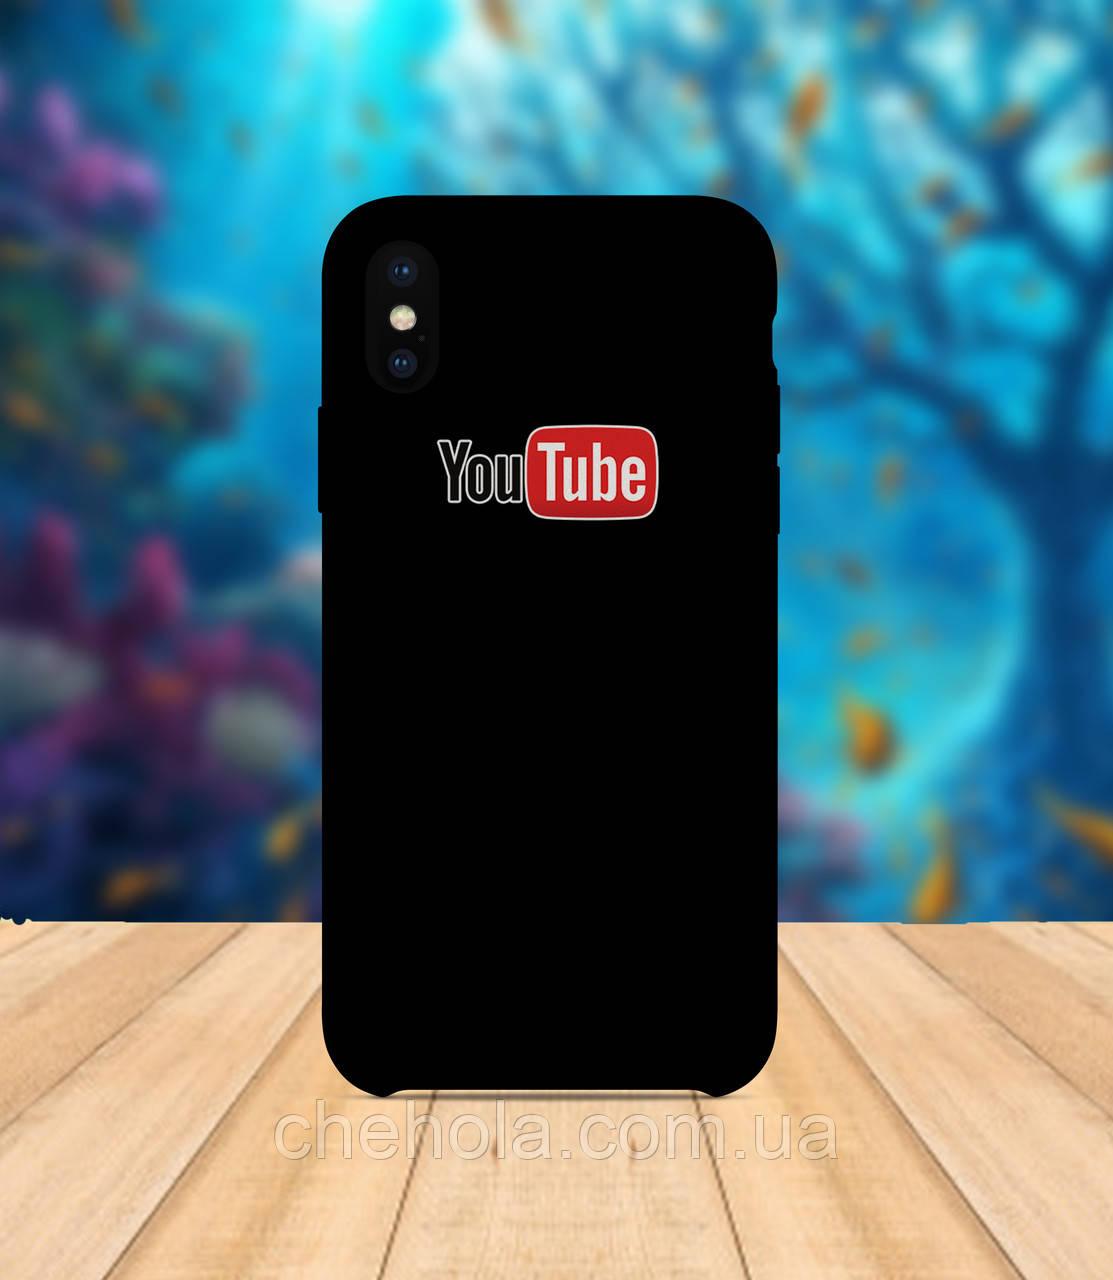 Чехол для apple iphone x XS max Youtube черный чехол с принтом